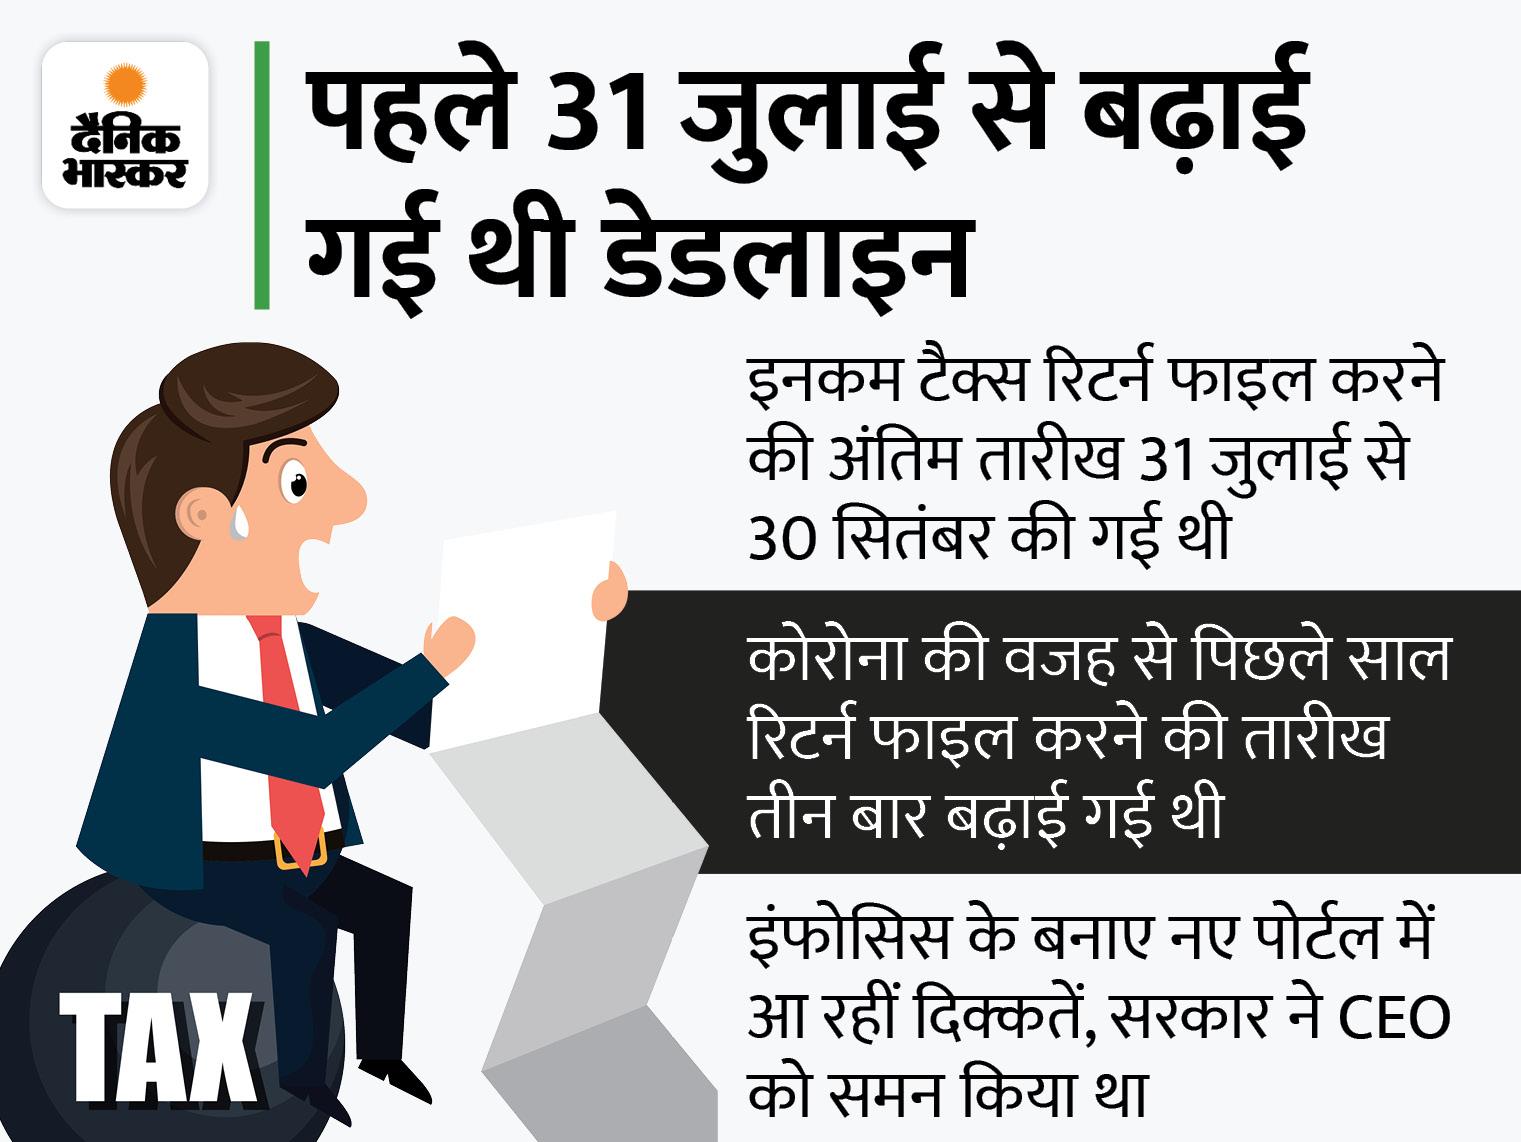 अब 31 दिसंबर तक फाइल कर सकेंगे इनकम टैक्स रिटर्न, 30 सितंबर थी आखिरी तारीख|बिजनेस,Business - Dainik Bhaskar